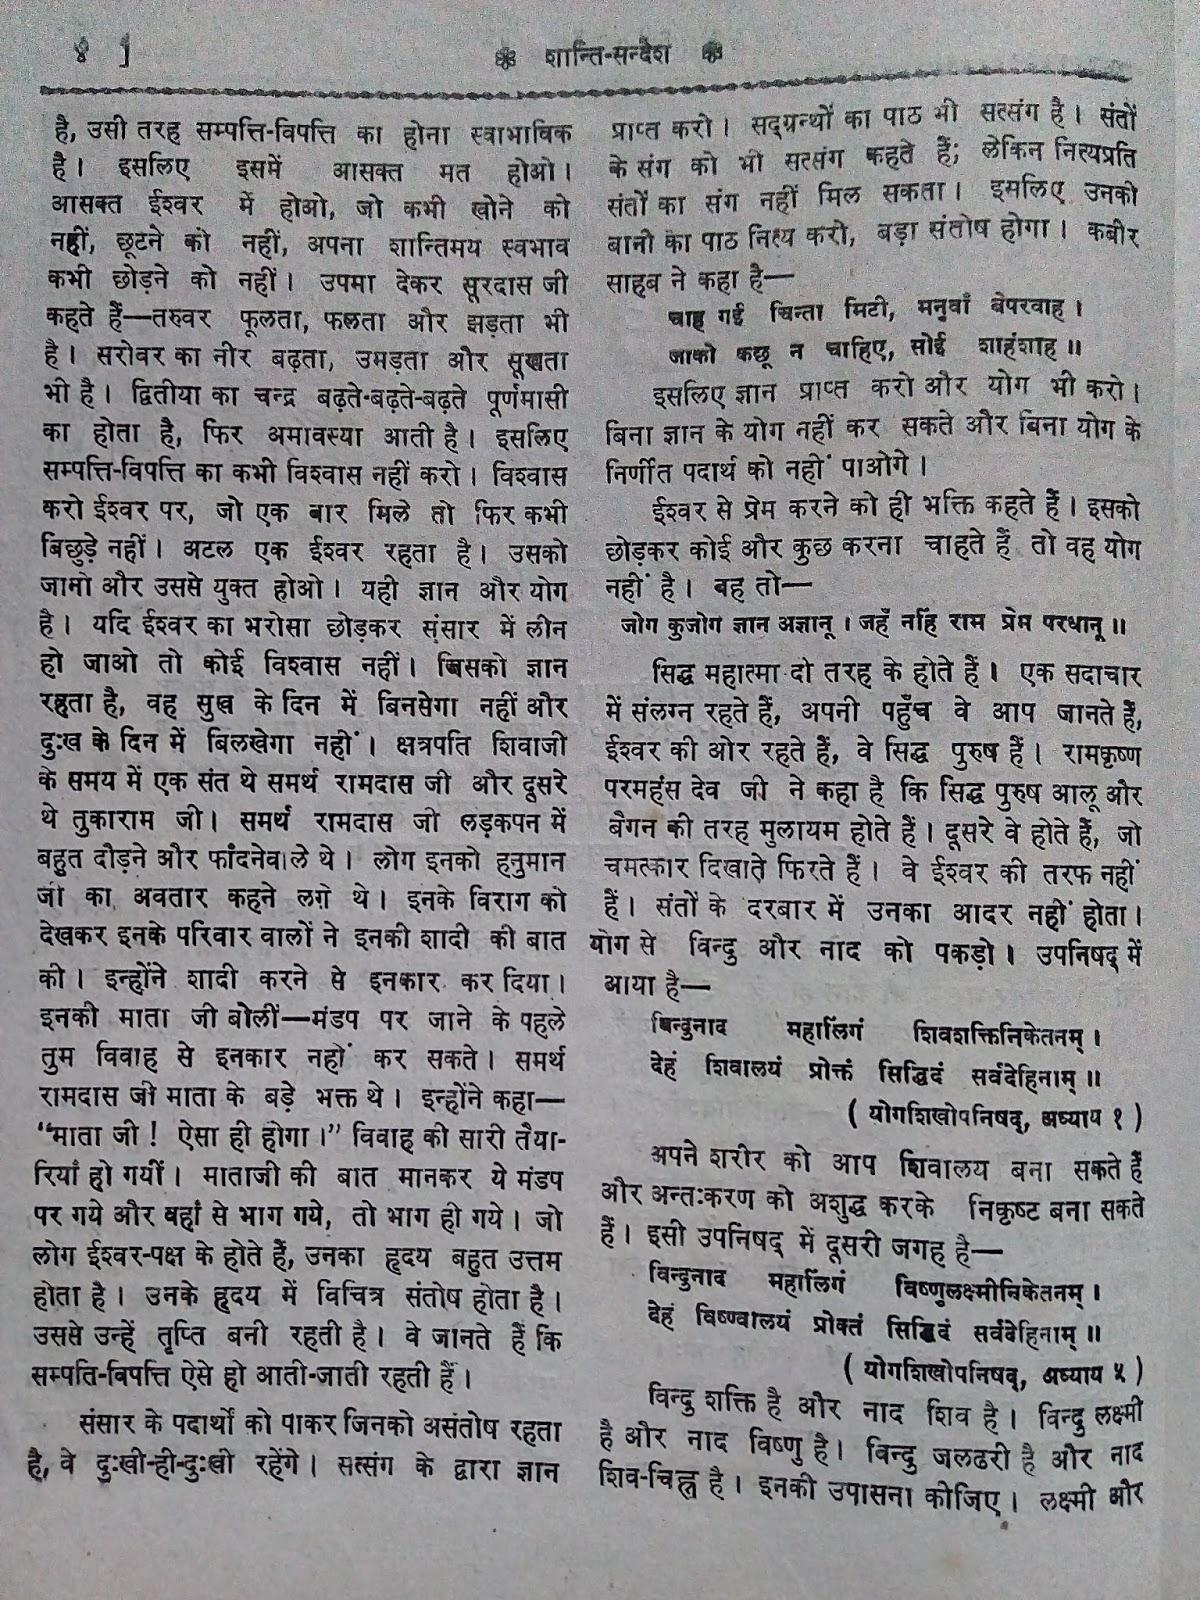 हिंदी प्रवचन- मोक्ष क्या है?